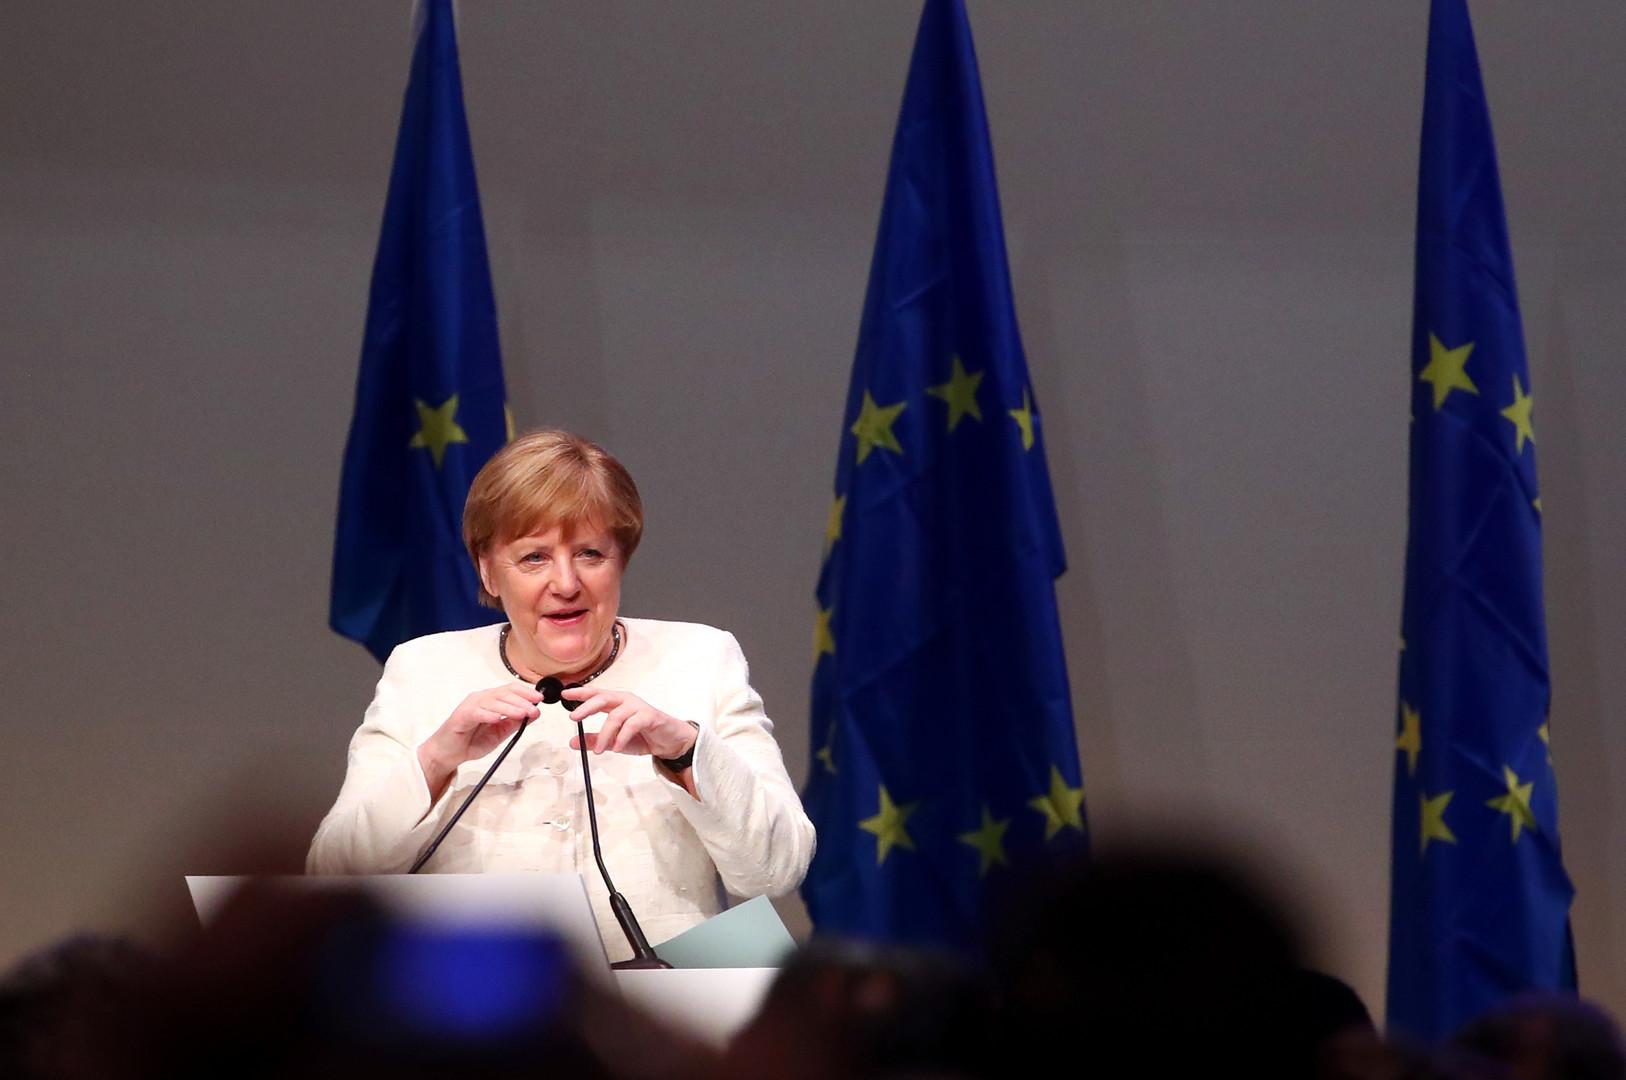 الانتخابات البرلمانية الأوروبية.. تحالف ميركل يحقق أسوأ نتائج في تاريخه